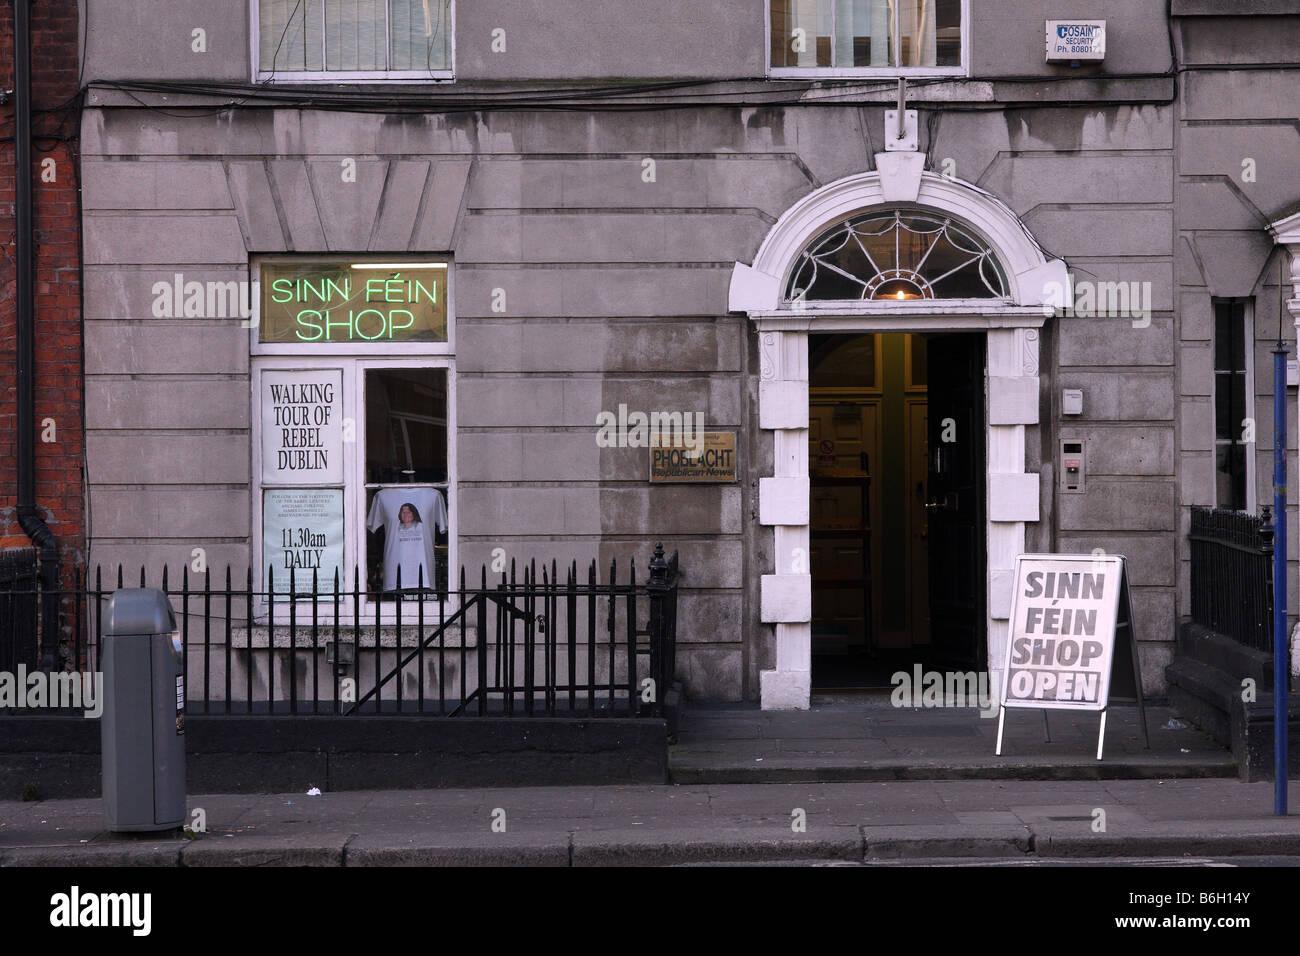 Das Geschäft der politischen Partei Sinn Féin in der Stadt Dublin in Irland Stockbild